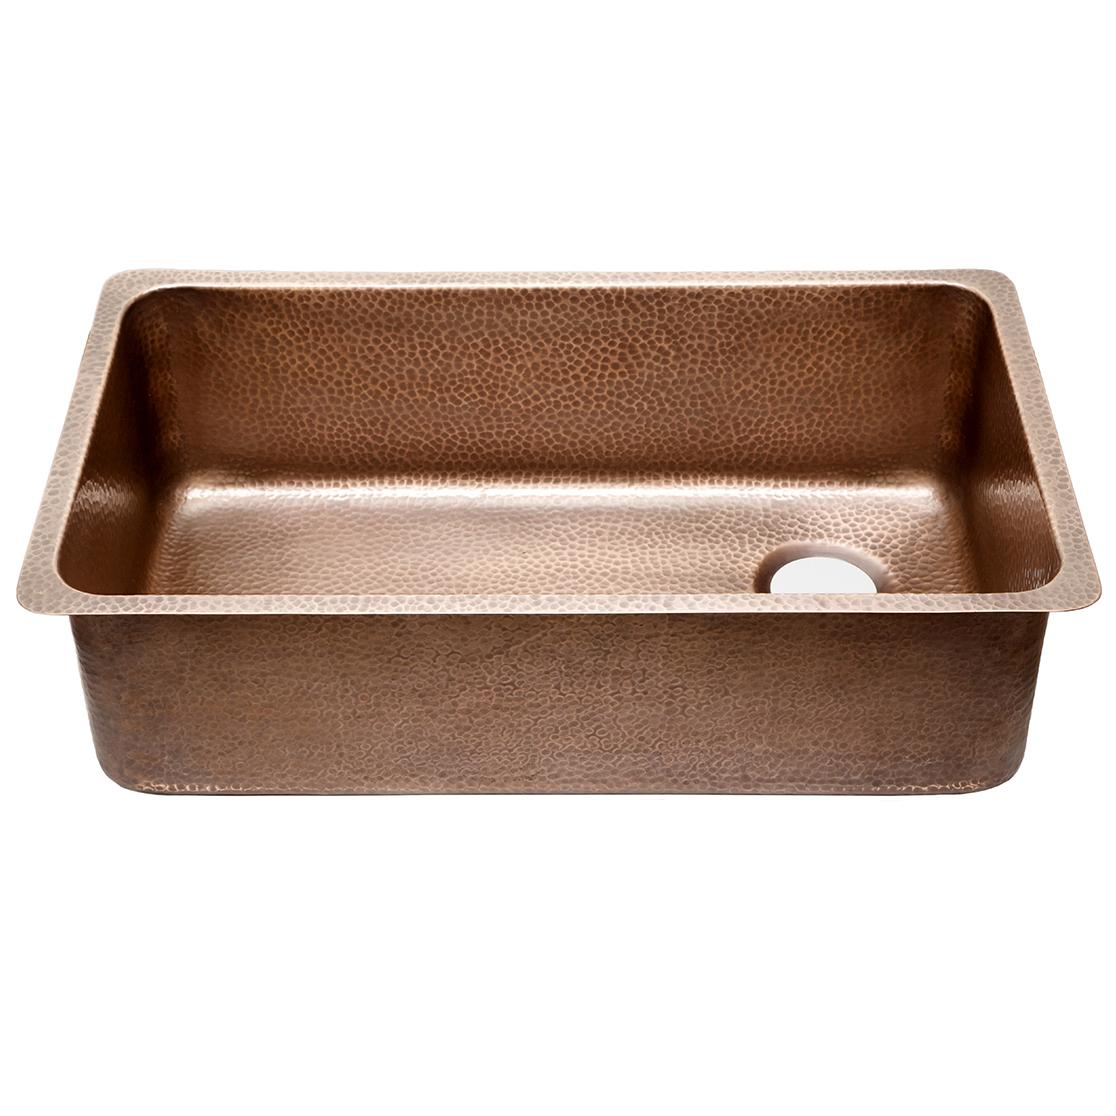 David Chef Series Copper Undermount Kitchen Sink By